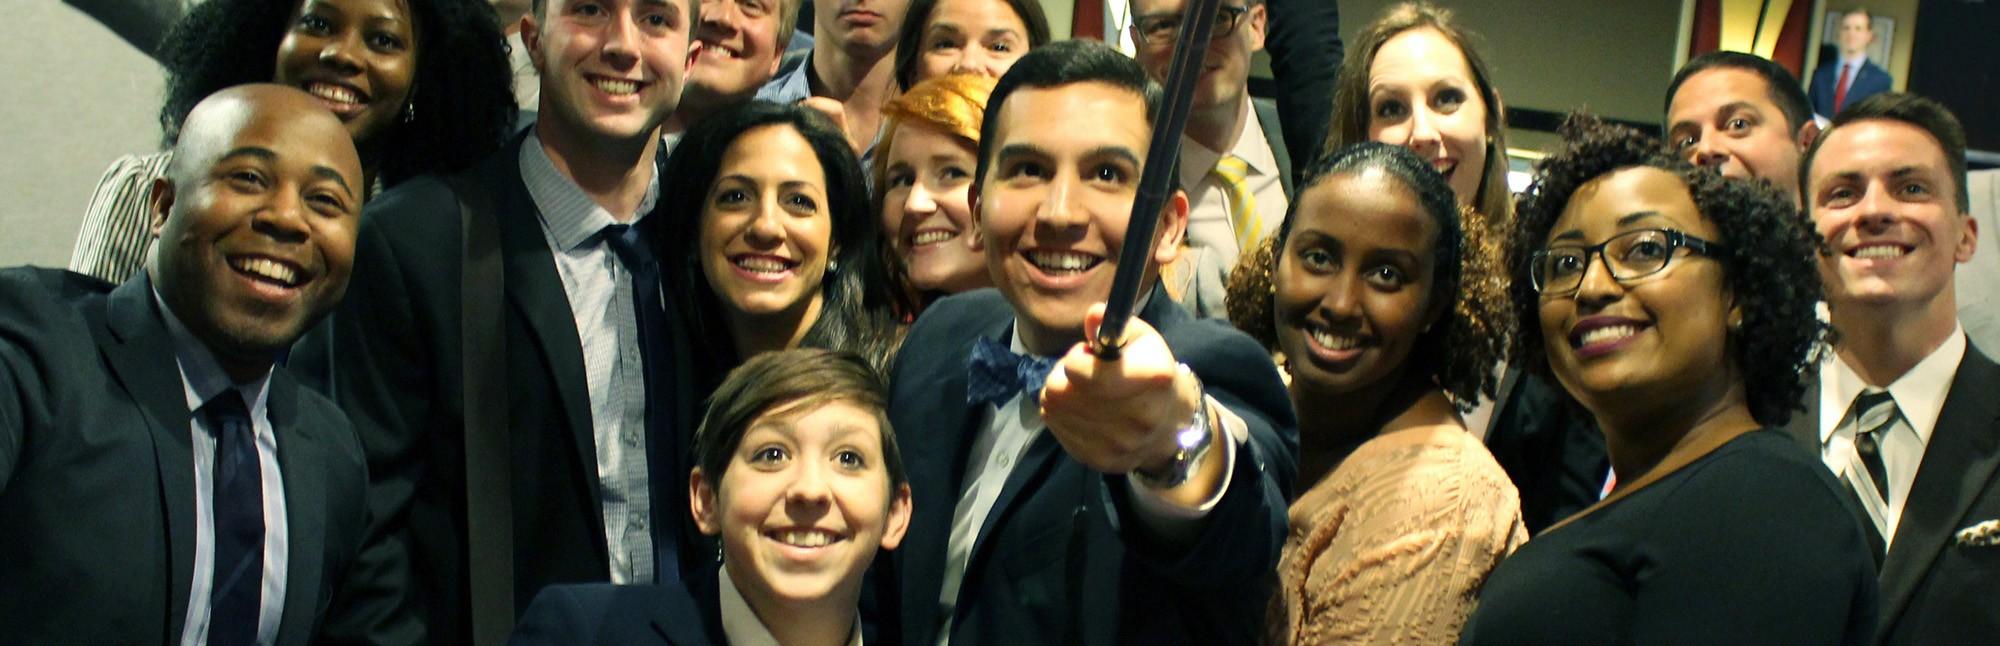 ABA Law Student Board Selfie